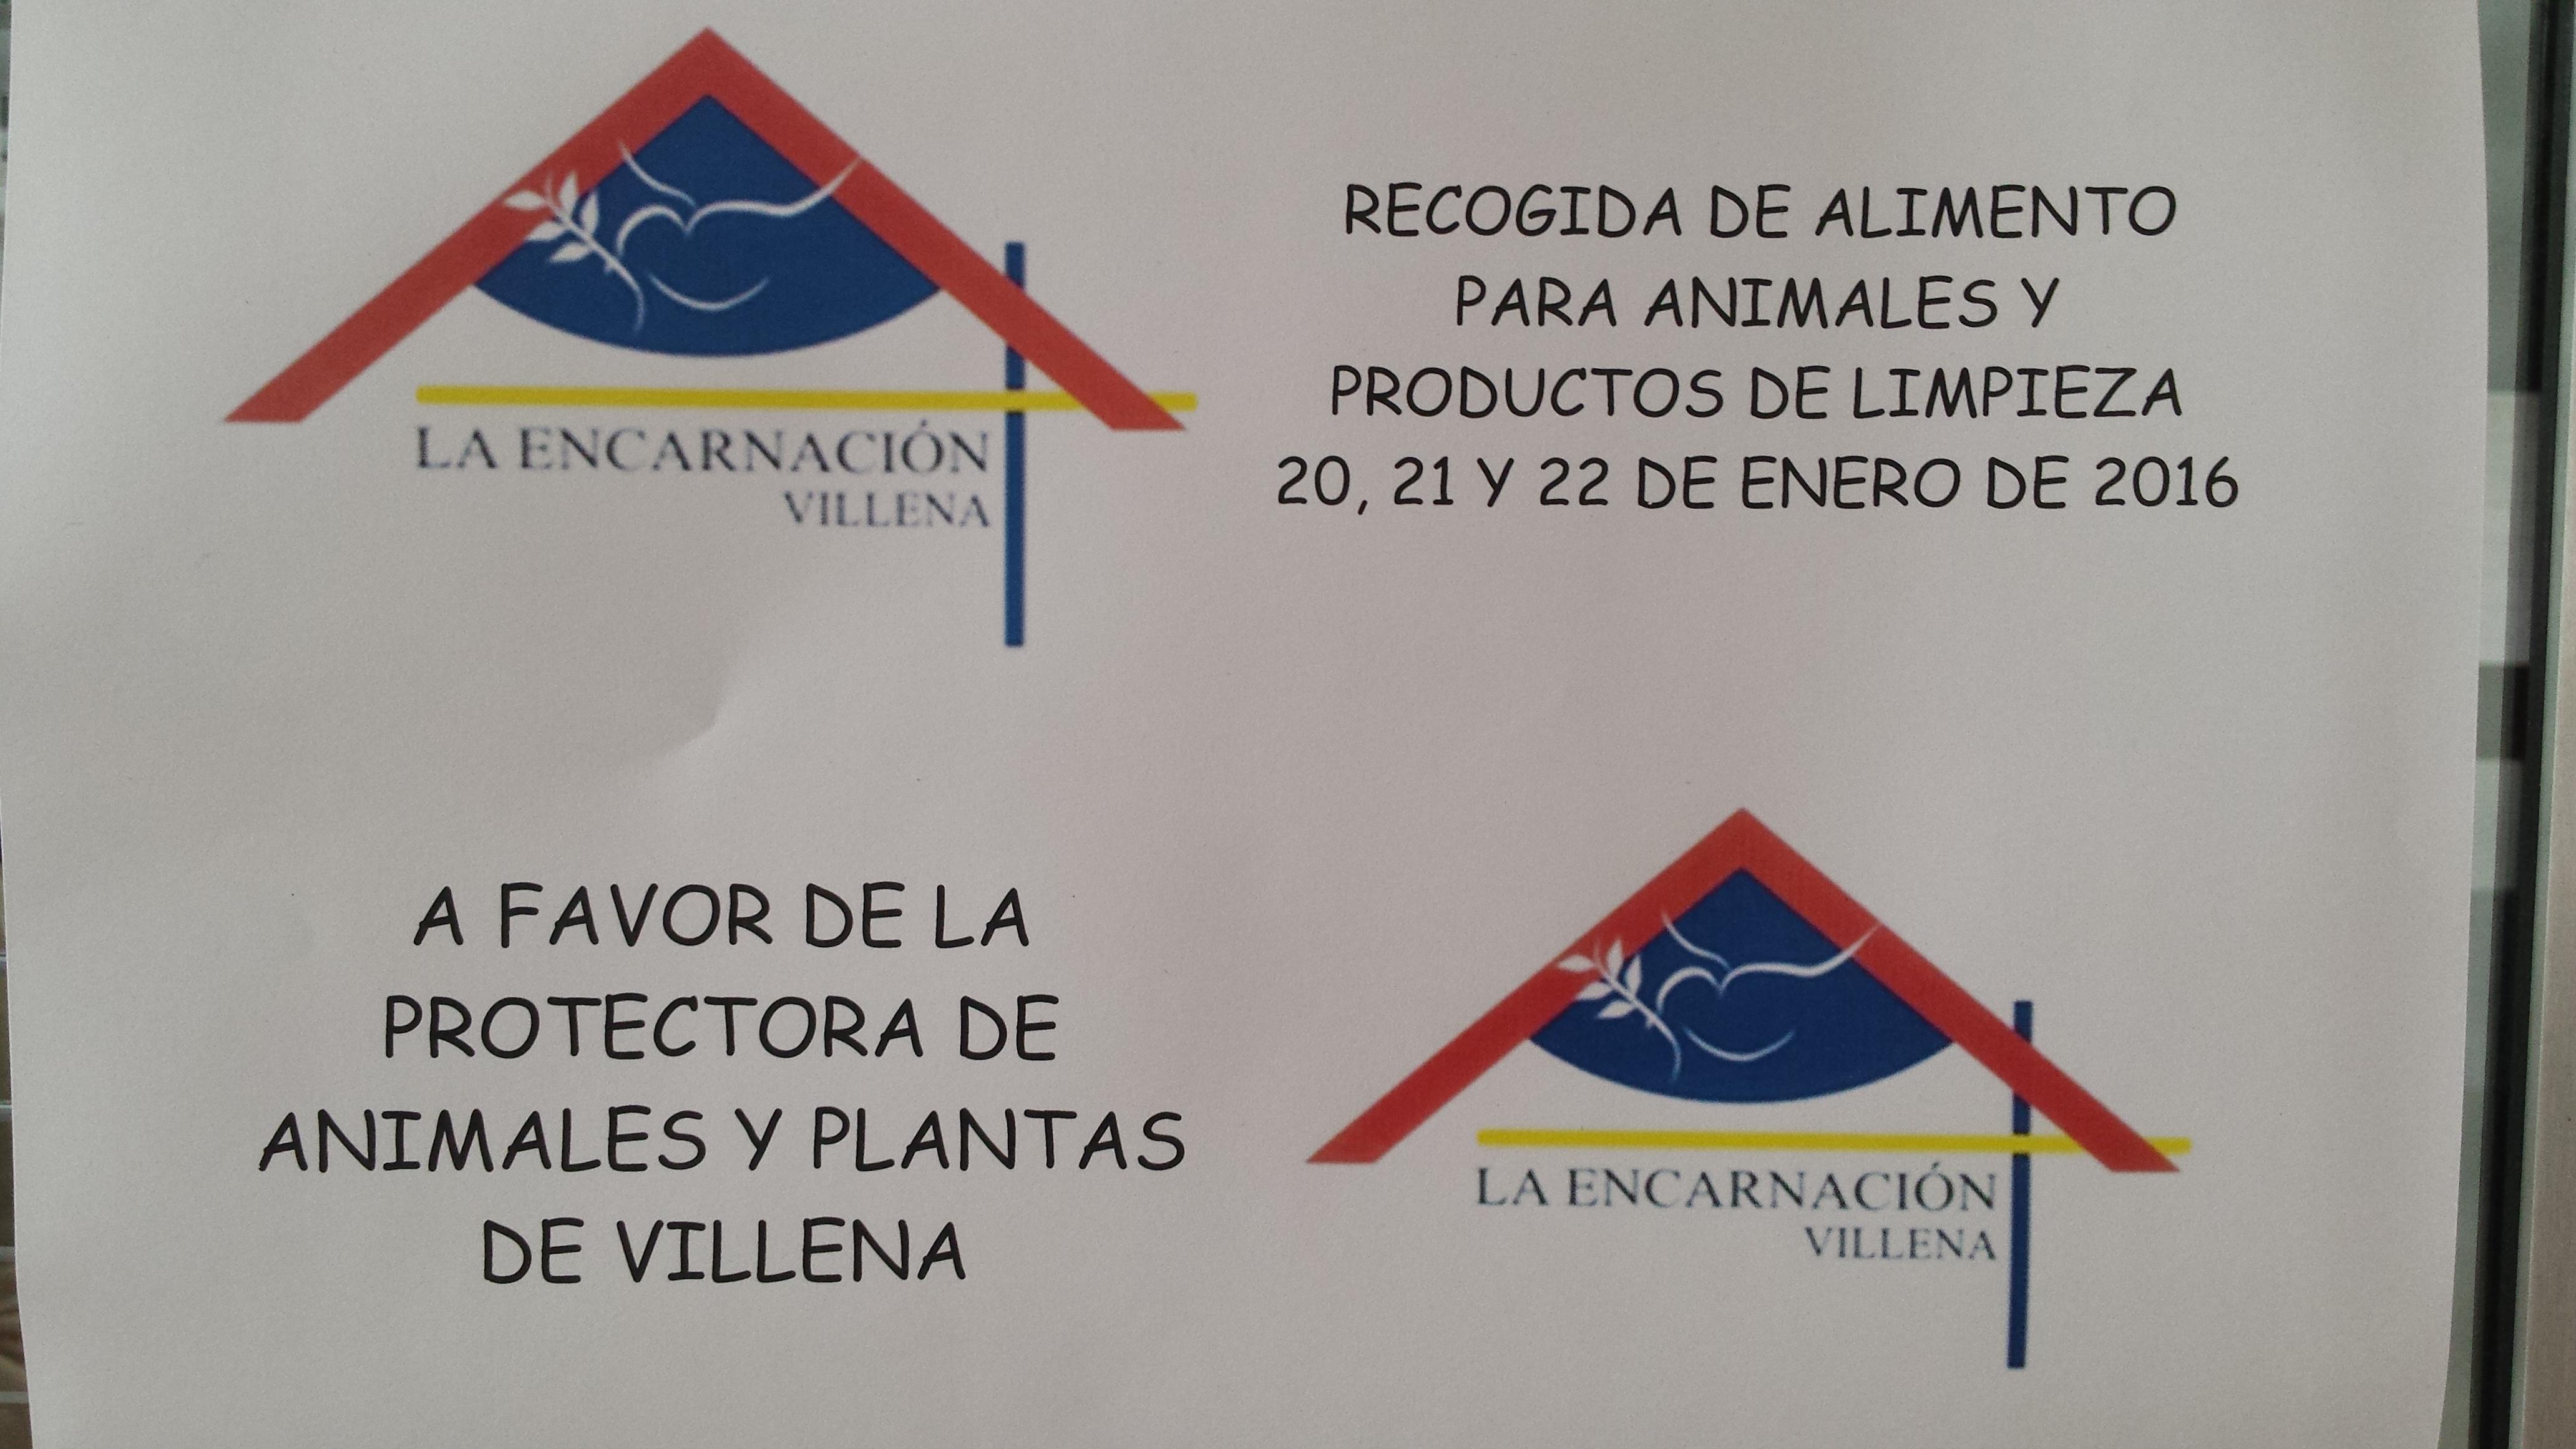 Colegio La Encarnación: Recogida campaña de productos para animales.